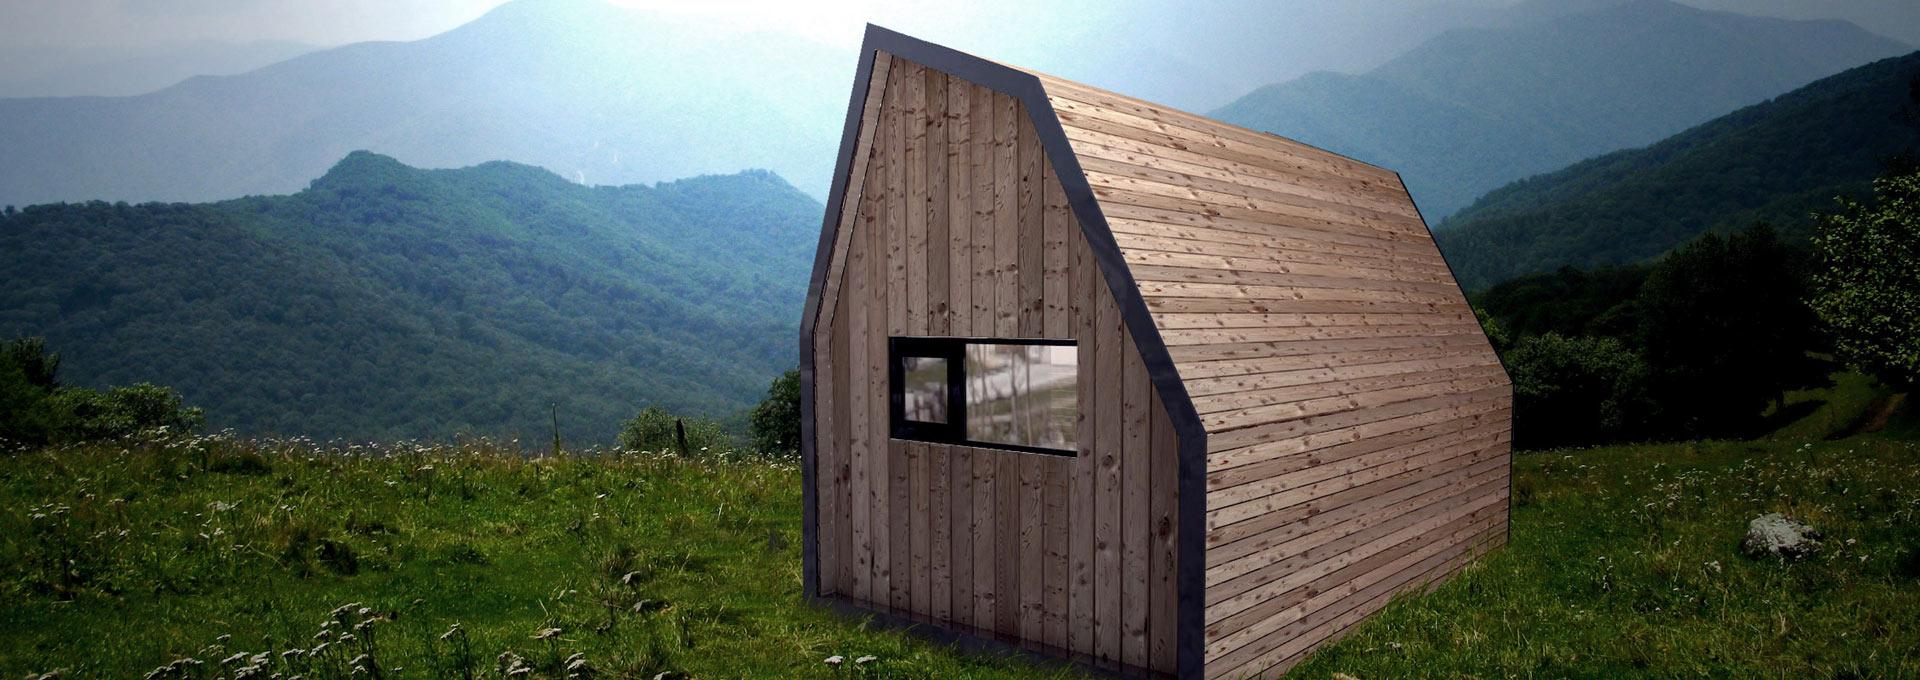 Mountain_-Lodge_Exterior_61